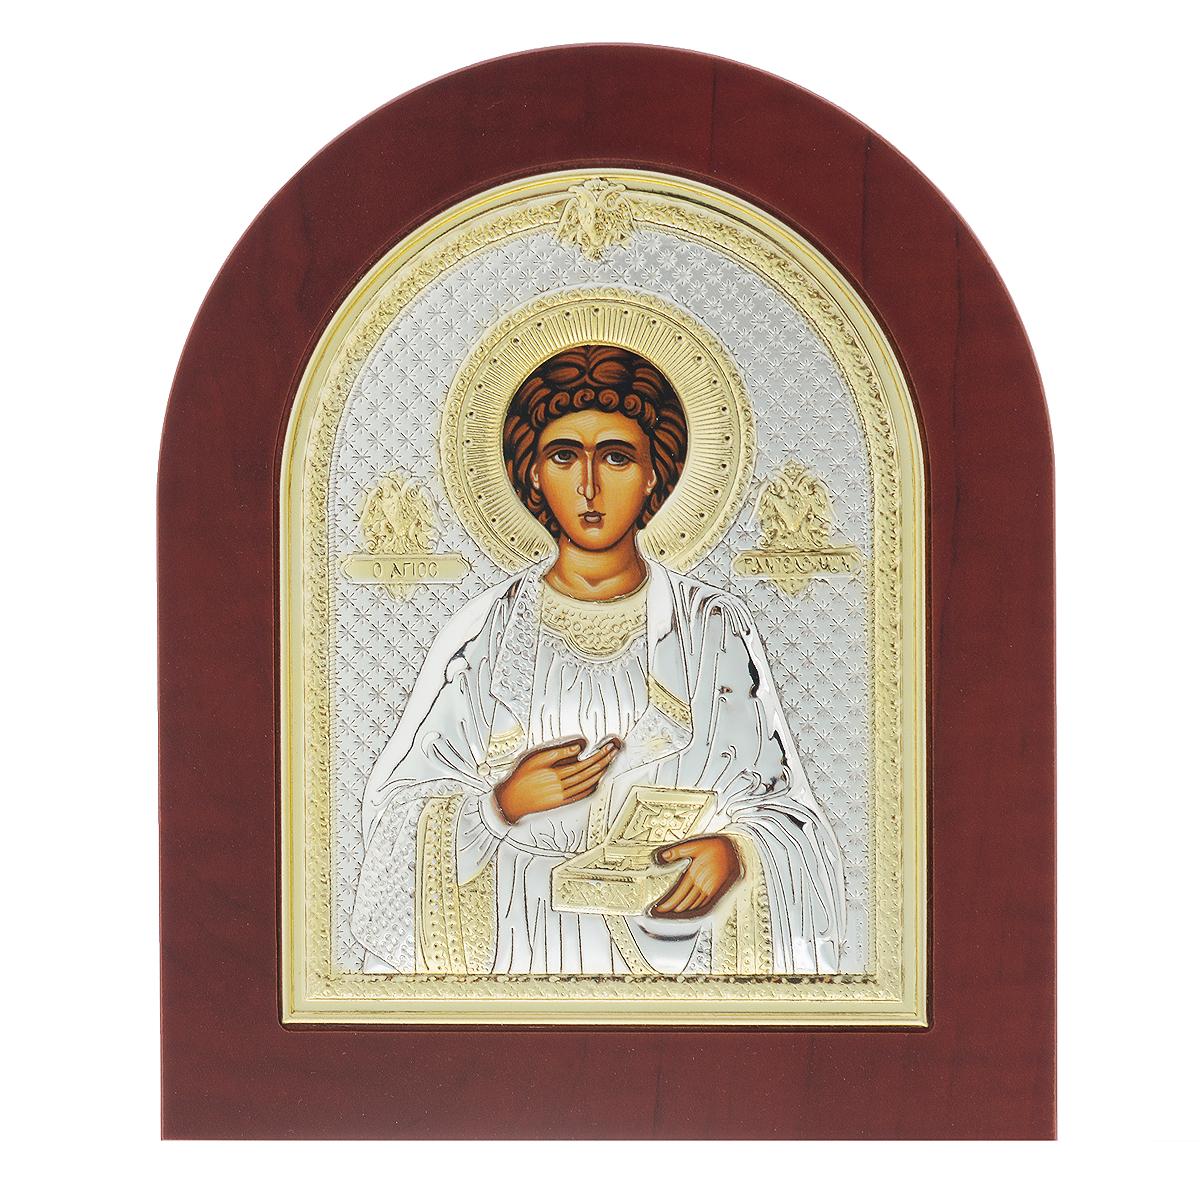 Икона Святого Великомученика и целителя Пантелеимона, 19 см х 15,5 см733.ovx.cИкона Святого Великомученика и целителя Пантелеимона. Основа выполнена из дерева (МДФ). Оклад изготовлен из алюминия с покрытием серебром 925 пробы толщиной 0,02-0,03 мм. Это биметаллическое соединение обрабатывается по специальной технологии, при которой оно не темнеет со временем и устойчиво к механическим повреждениям. Также наносится золочение лаком на некоторые участки поверхности. Само изображение ликов выполняется методом шелкографии. У иконы имеется встроенная подставка. Также ее можно повесить. В Русской Православной Церкви почитание святого Пантелеимона известно с 12-го века. День празднования - 9 августа. К Пантелеимону (по-гречески - всемилостивый) обращаются с мольбами об исцелении болезней, а также о покровительстве русских воинов армии и флота. Образ Святого Пантелеймона, как правило, присутствует в домашнем иконостасе вместе с образами Троицы, Спасителя и Божьей Матери.